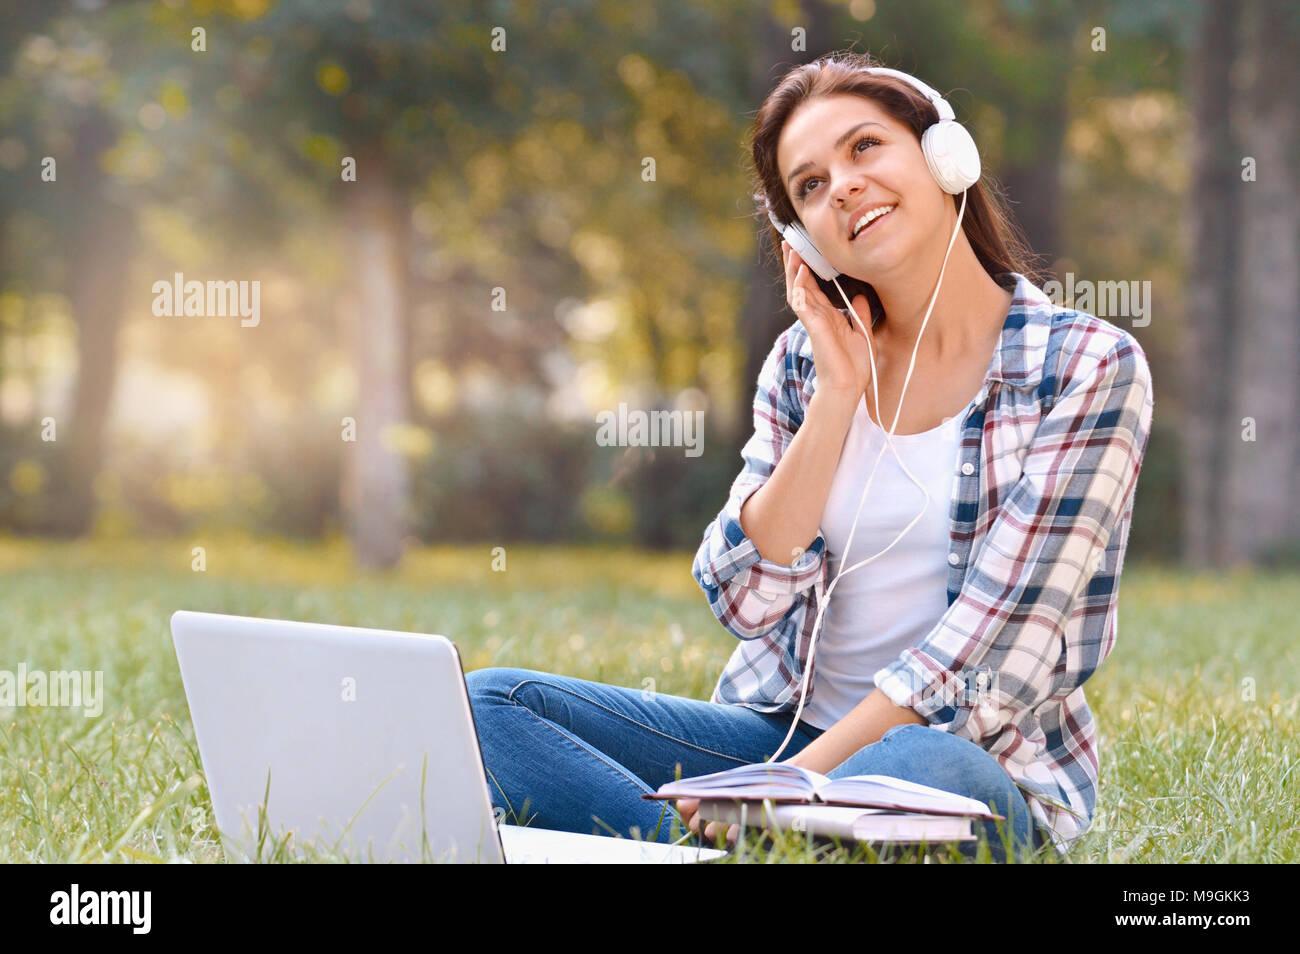 Studente ragazza che lavora sul computer portatile, seduti su erba nel parco. Studente all'esterno. Lavoro freelance, shopping online, apprendimento a distanza concetto Foto Stock